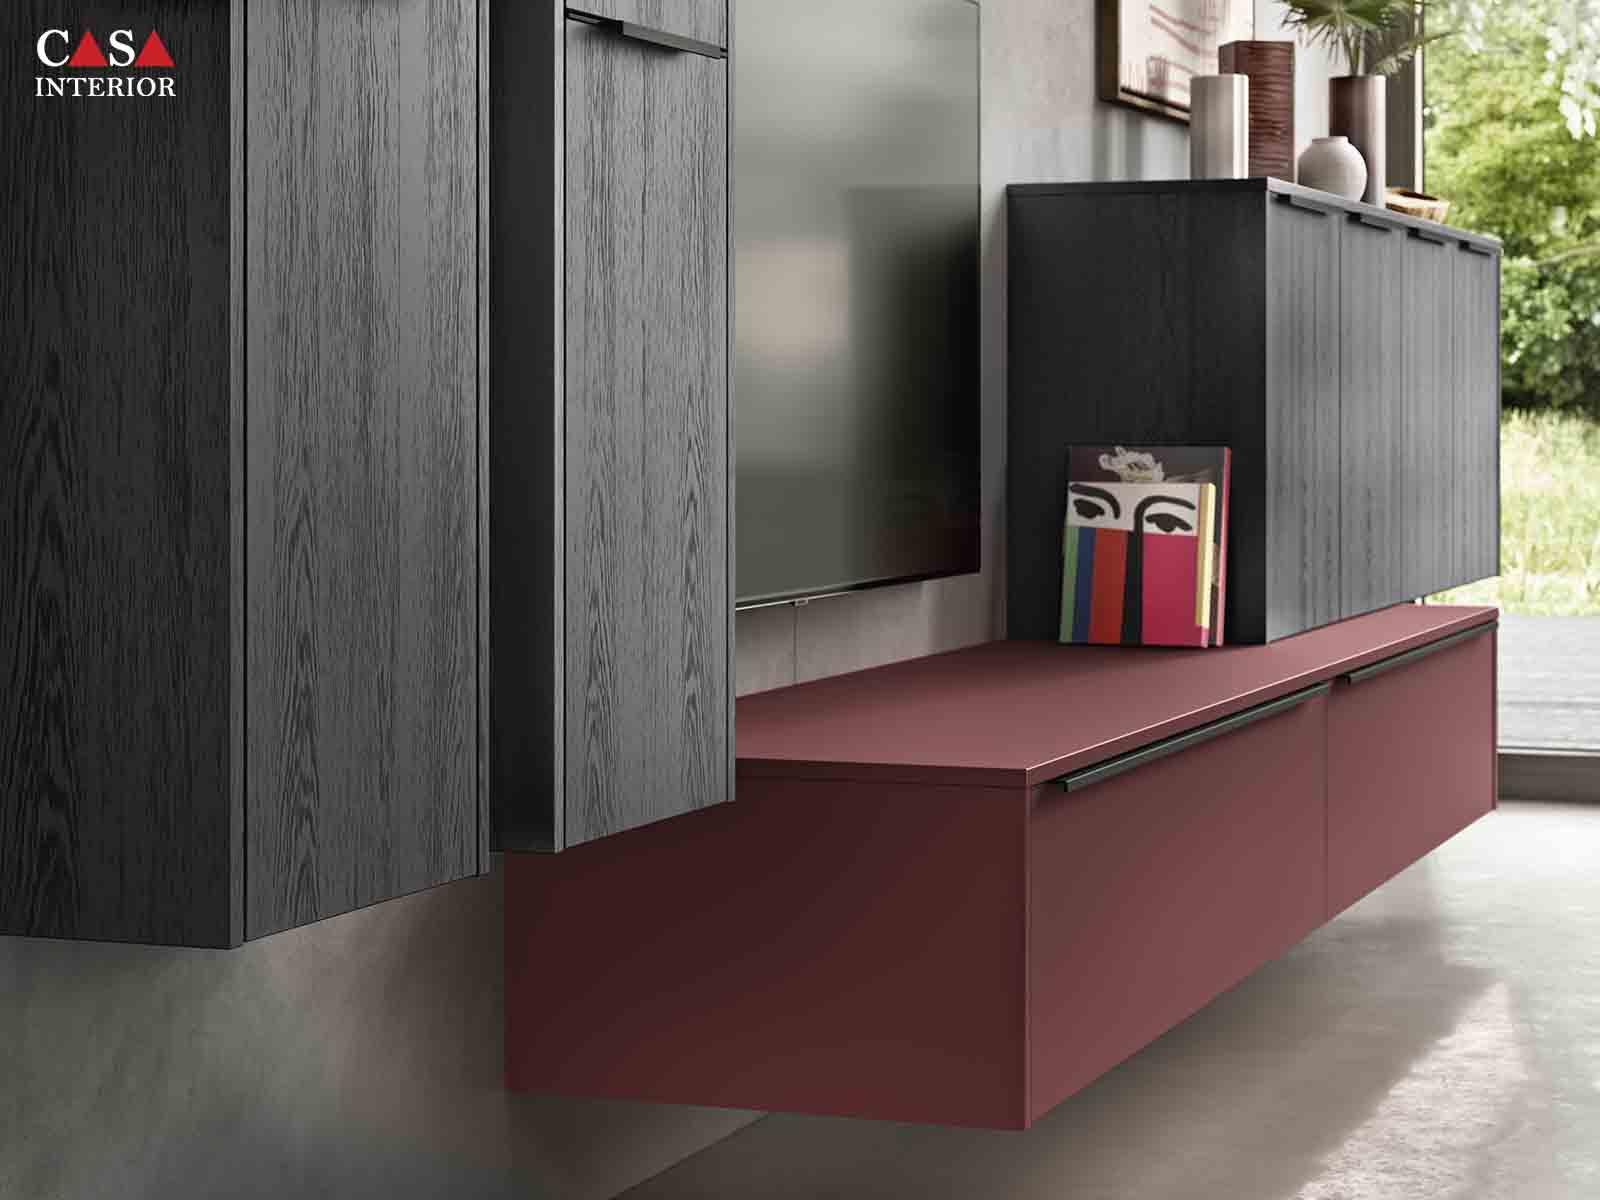 Küchentime Structura 403 - Livingroom